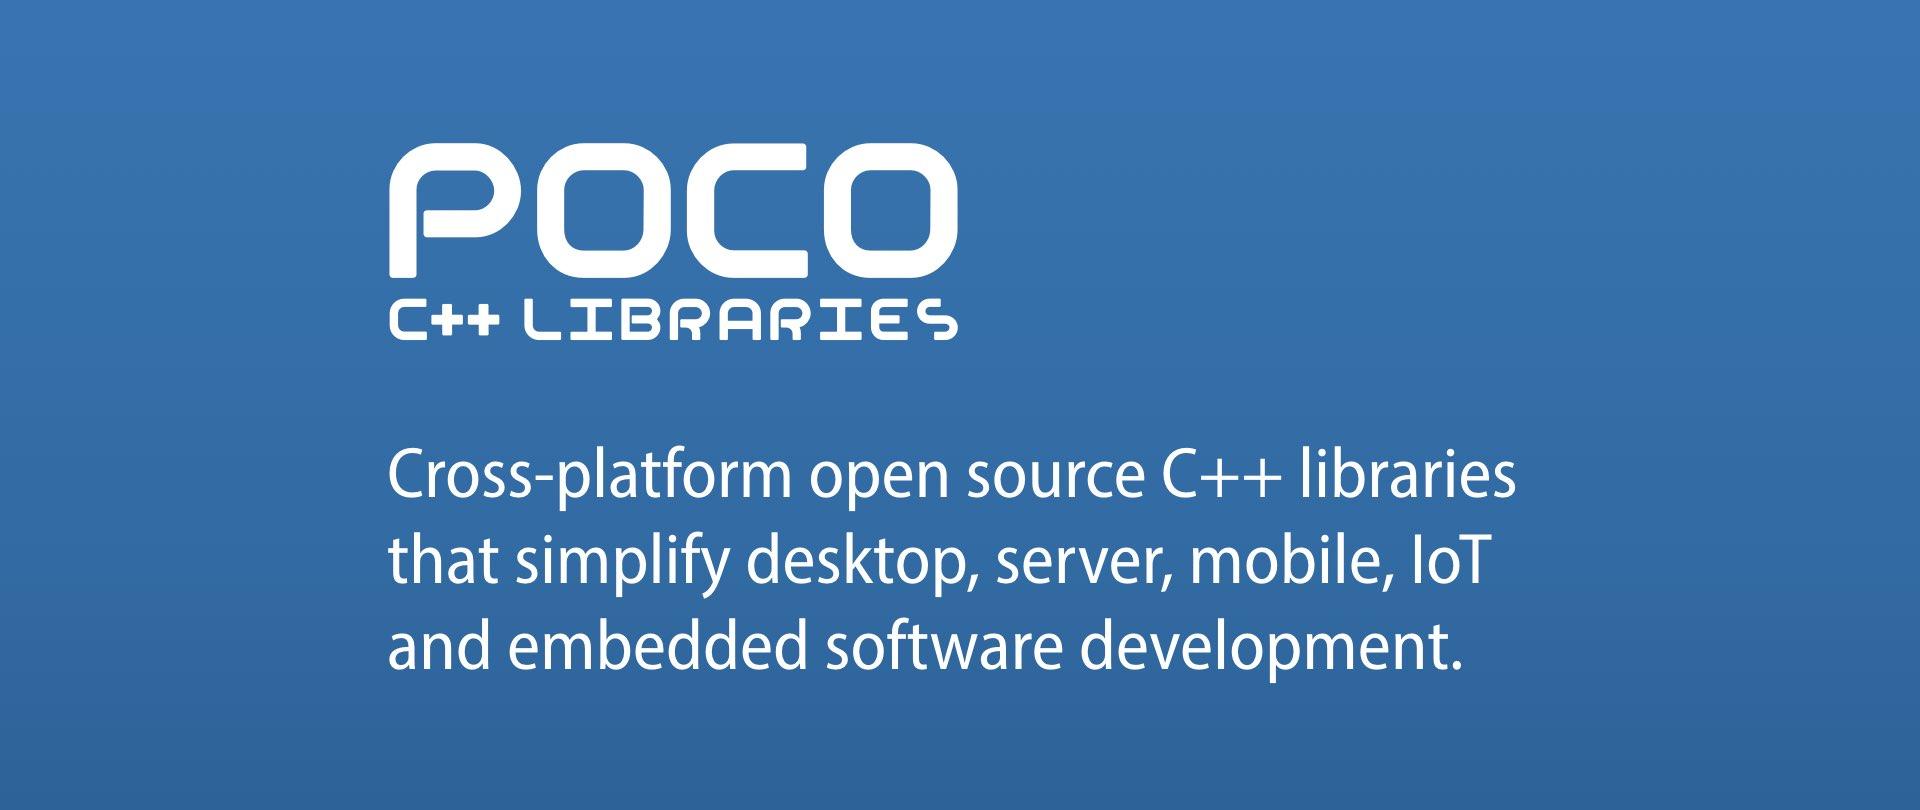 GitHub - pocoproject/poco: The POCO C++ Libraries are